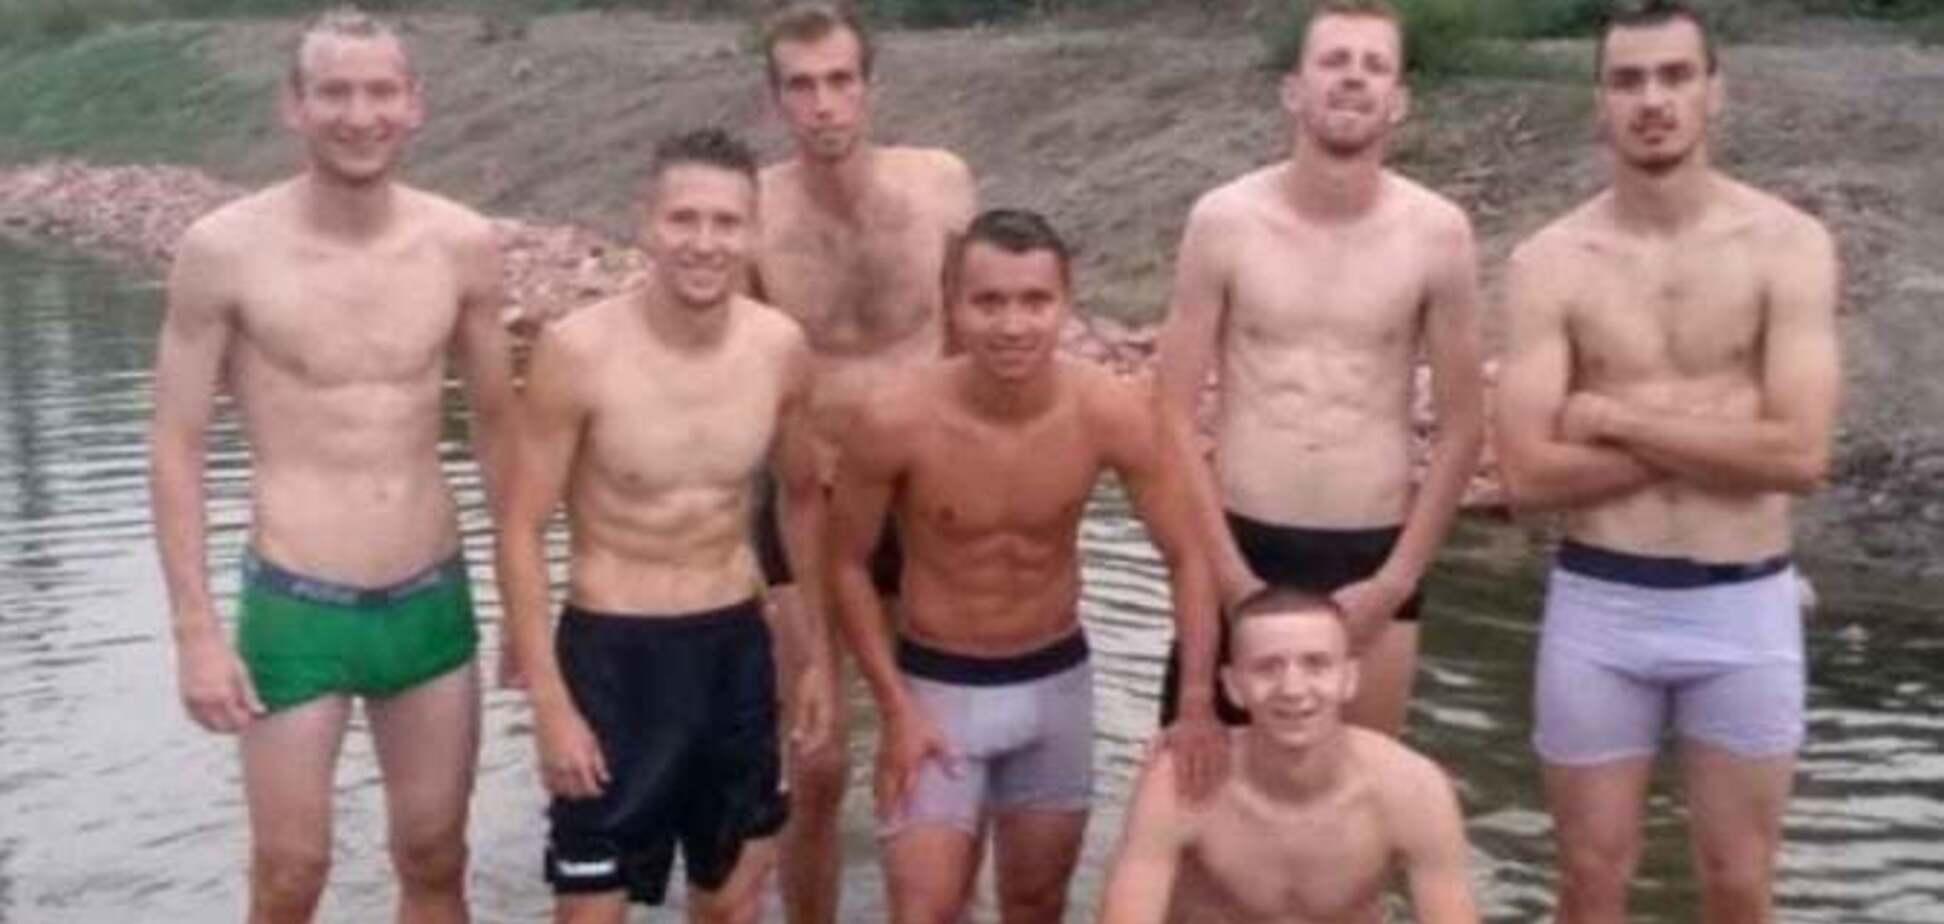 Українським футболістам після матчу довелось митися у канаві - фотофакт